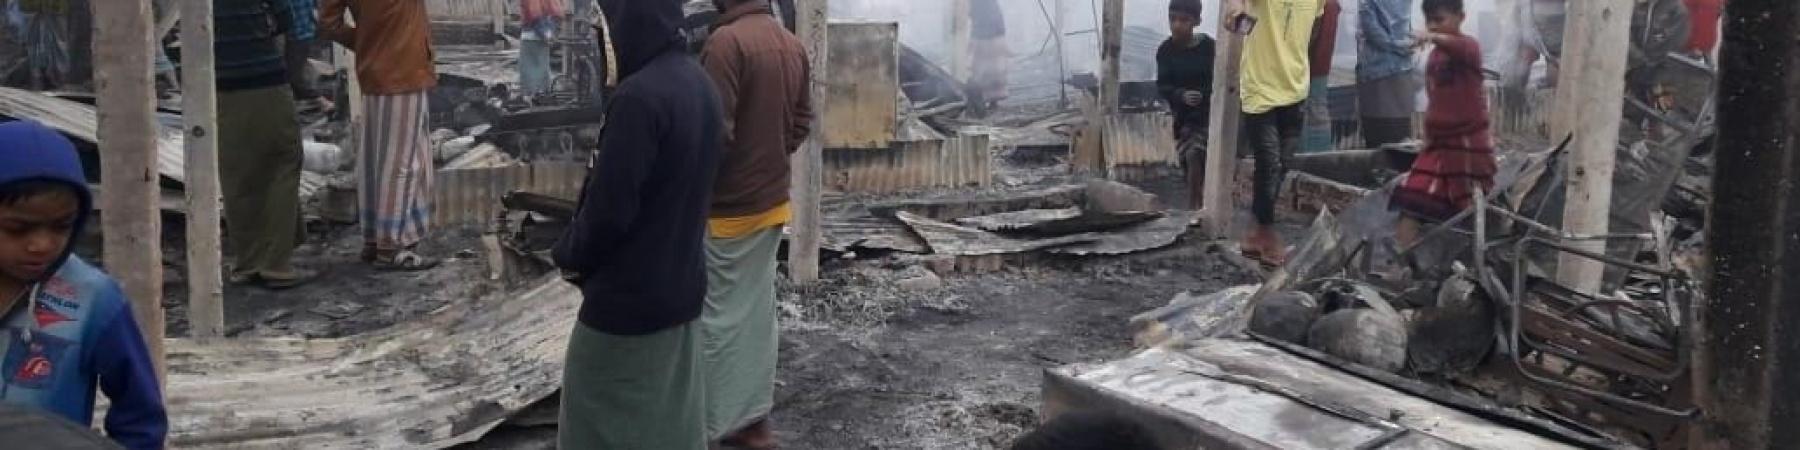 I resti dell incendio divampato all interno del campo di Cox Bazar in Bangladesh